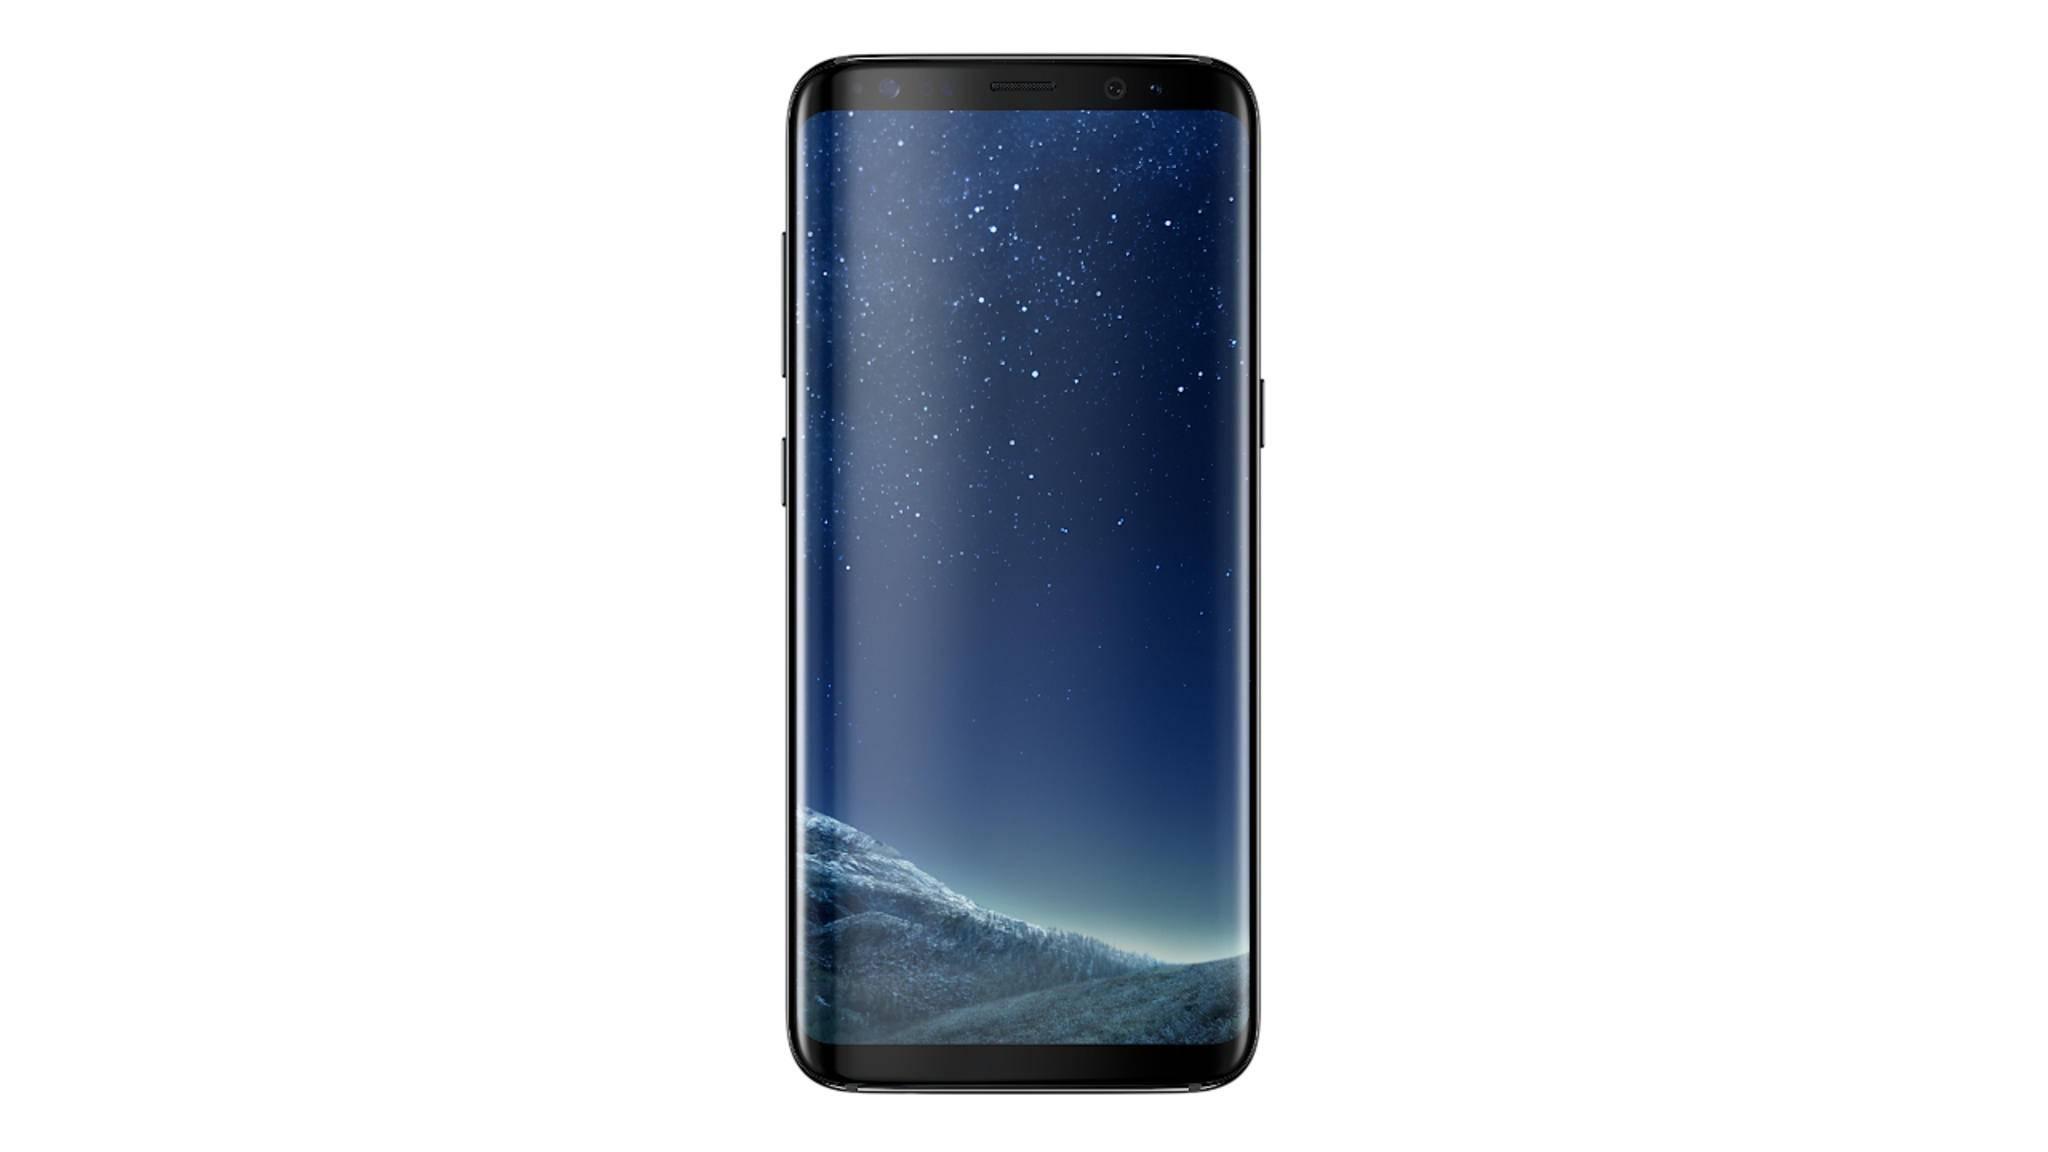 Das Galaxy S8 könnte ein echter Verkaufsschlager werden.